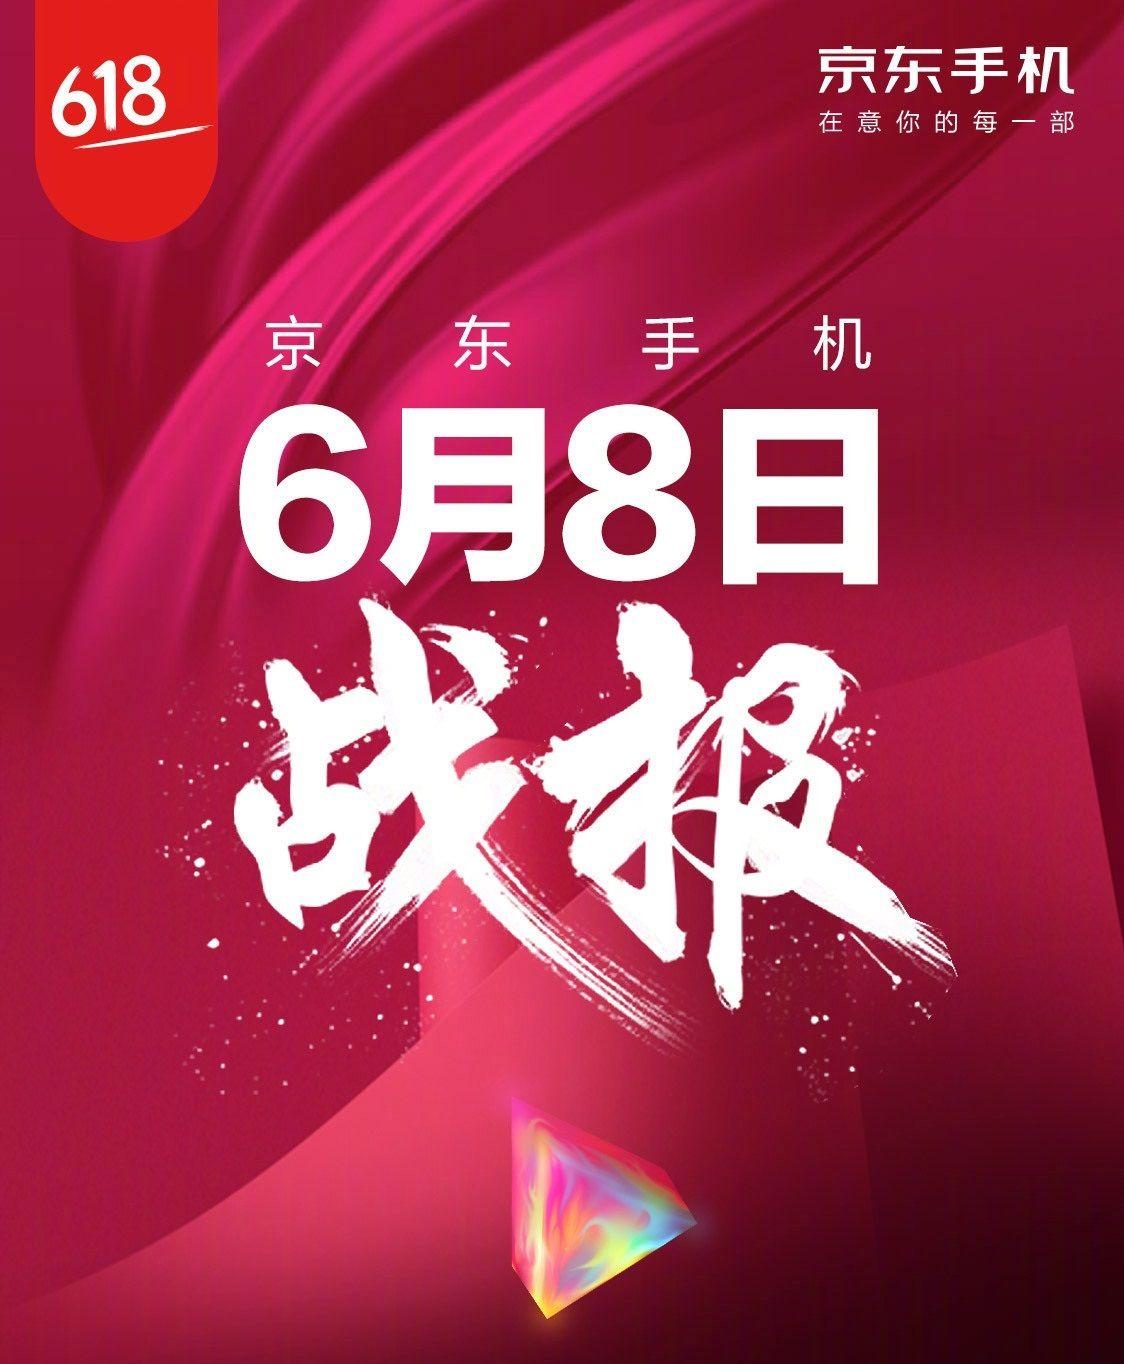 京東の「京東618(創業記念)セール」の8日目のランキングが公開。販売台数TOPはXiaomi